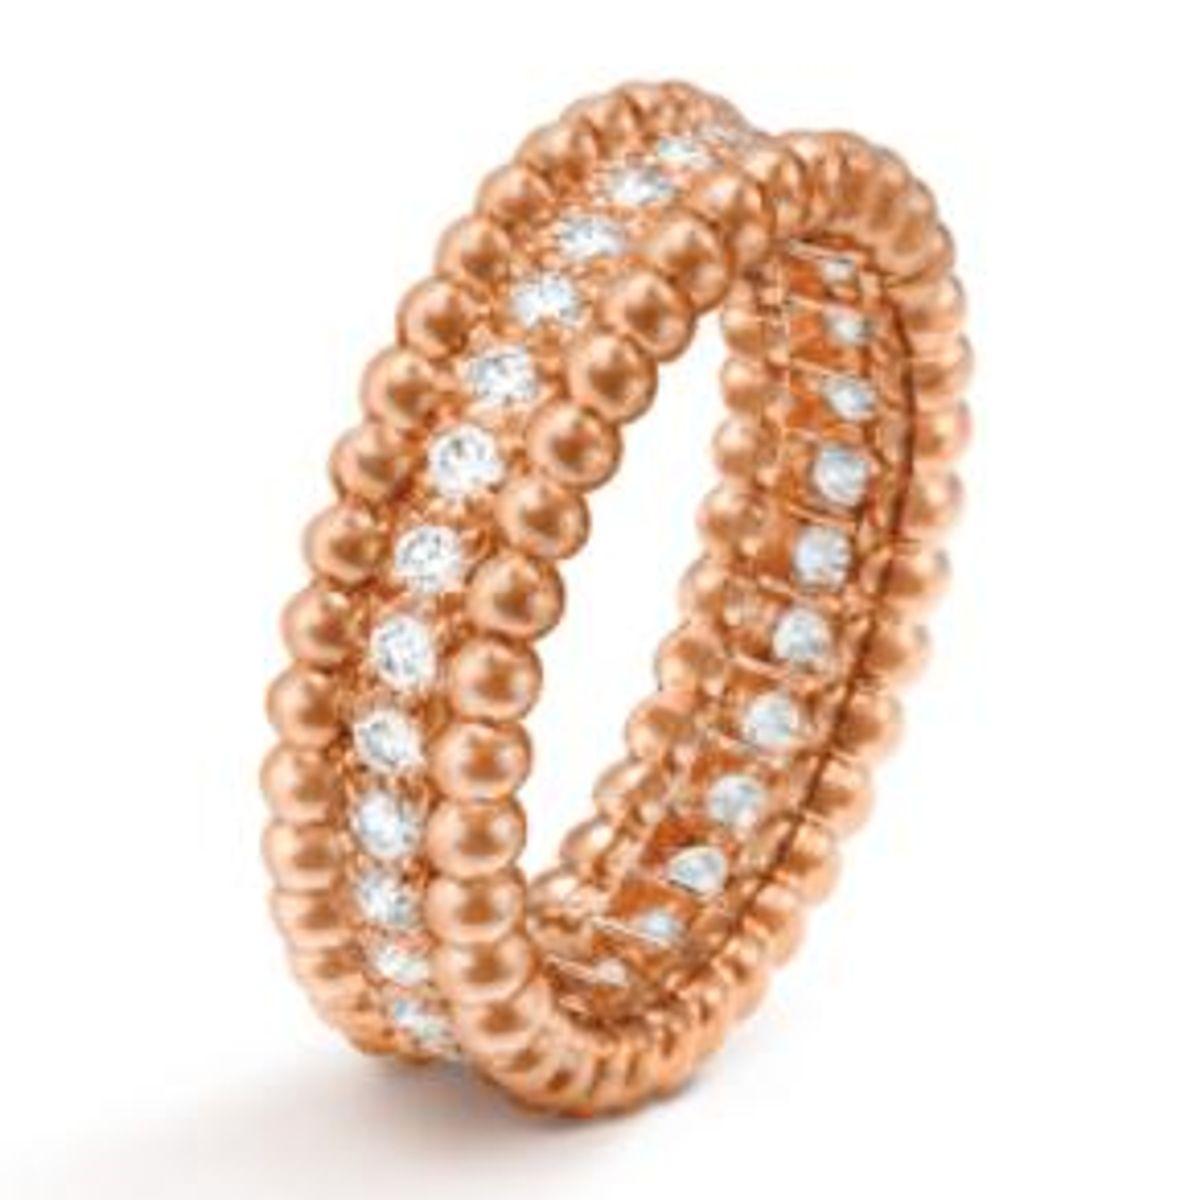 van cleef and arpels perlee diamonds ring 1 row